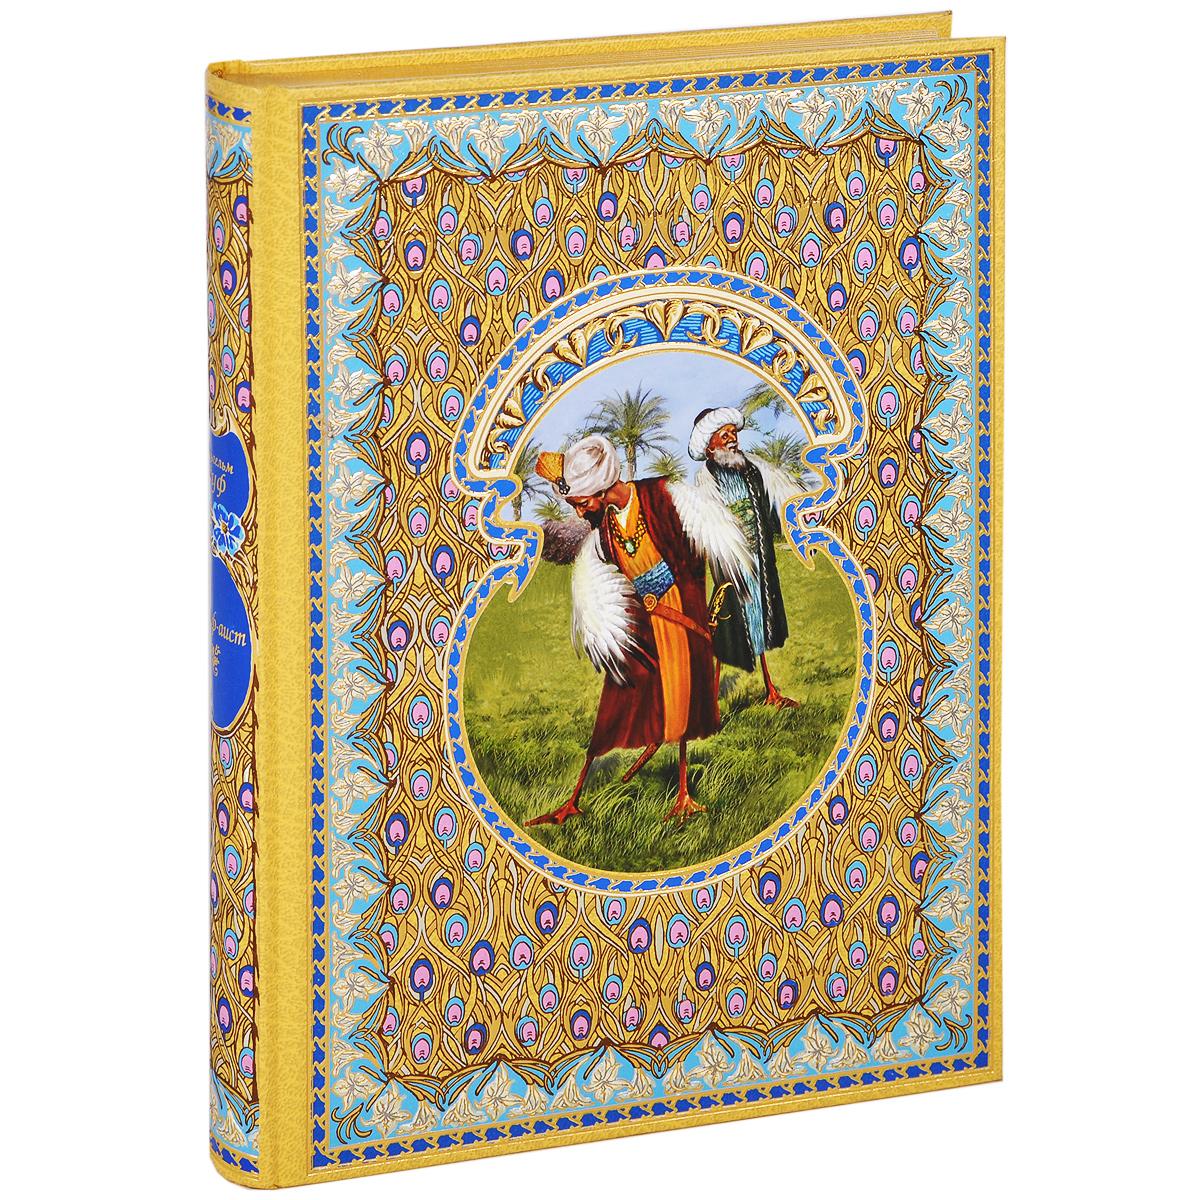 Калиф-аист (подарочное издание) лесные сказки подарочное издание 3 dvd